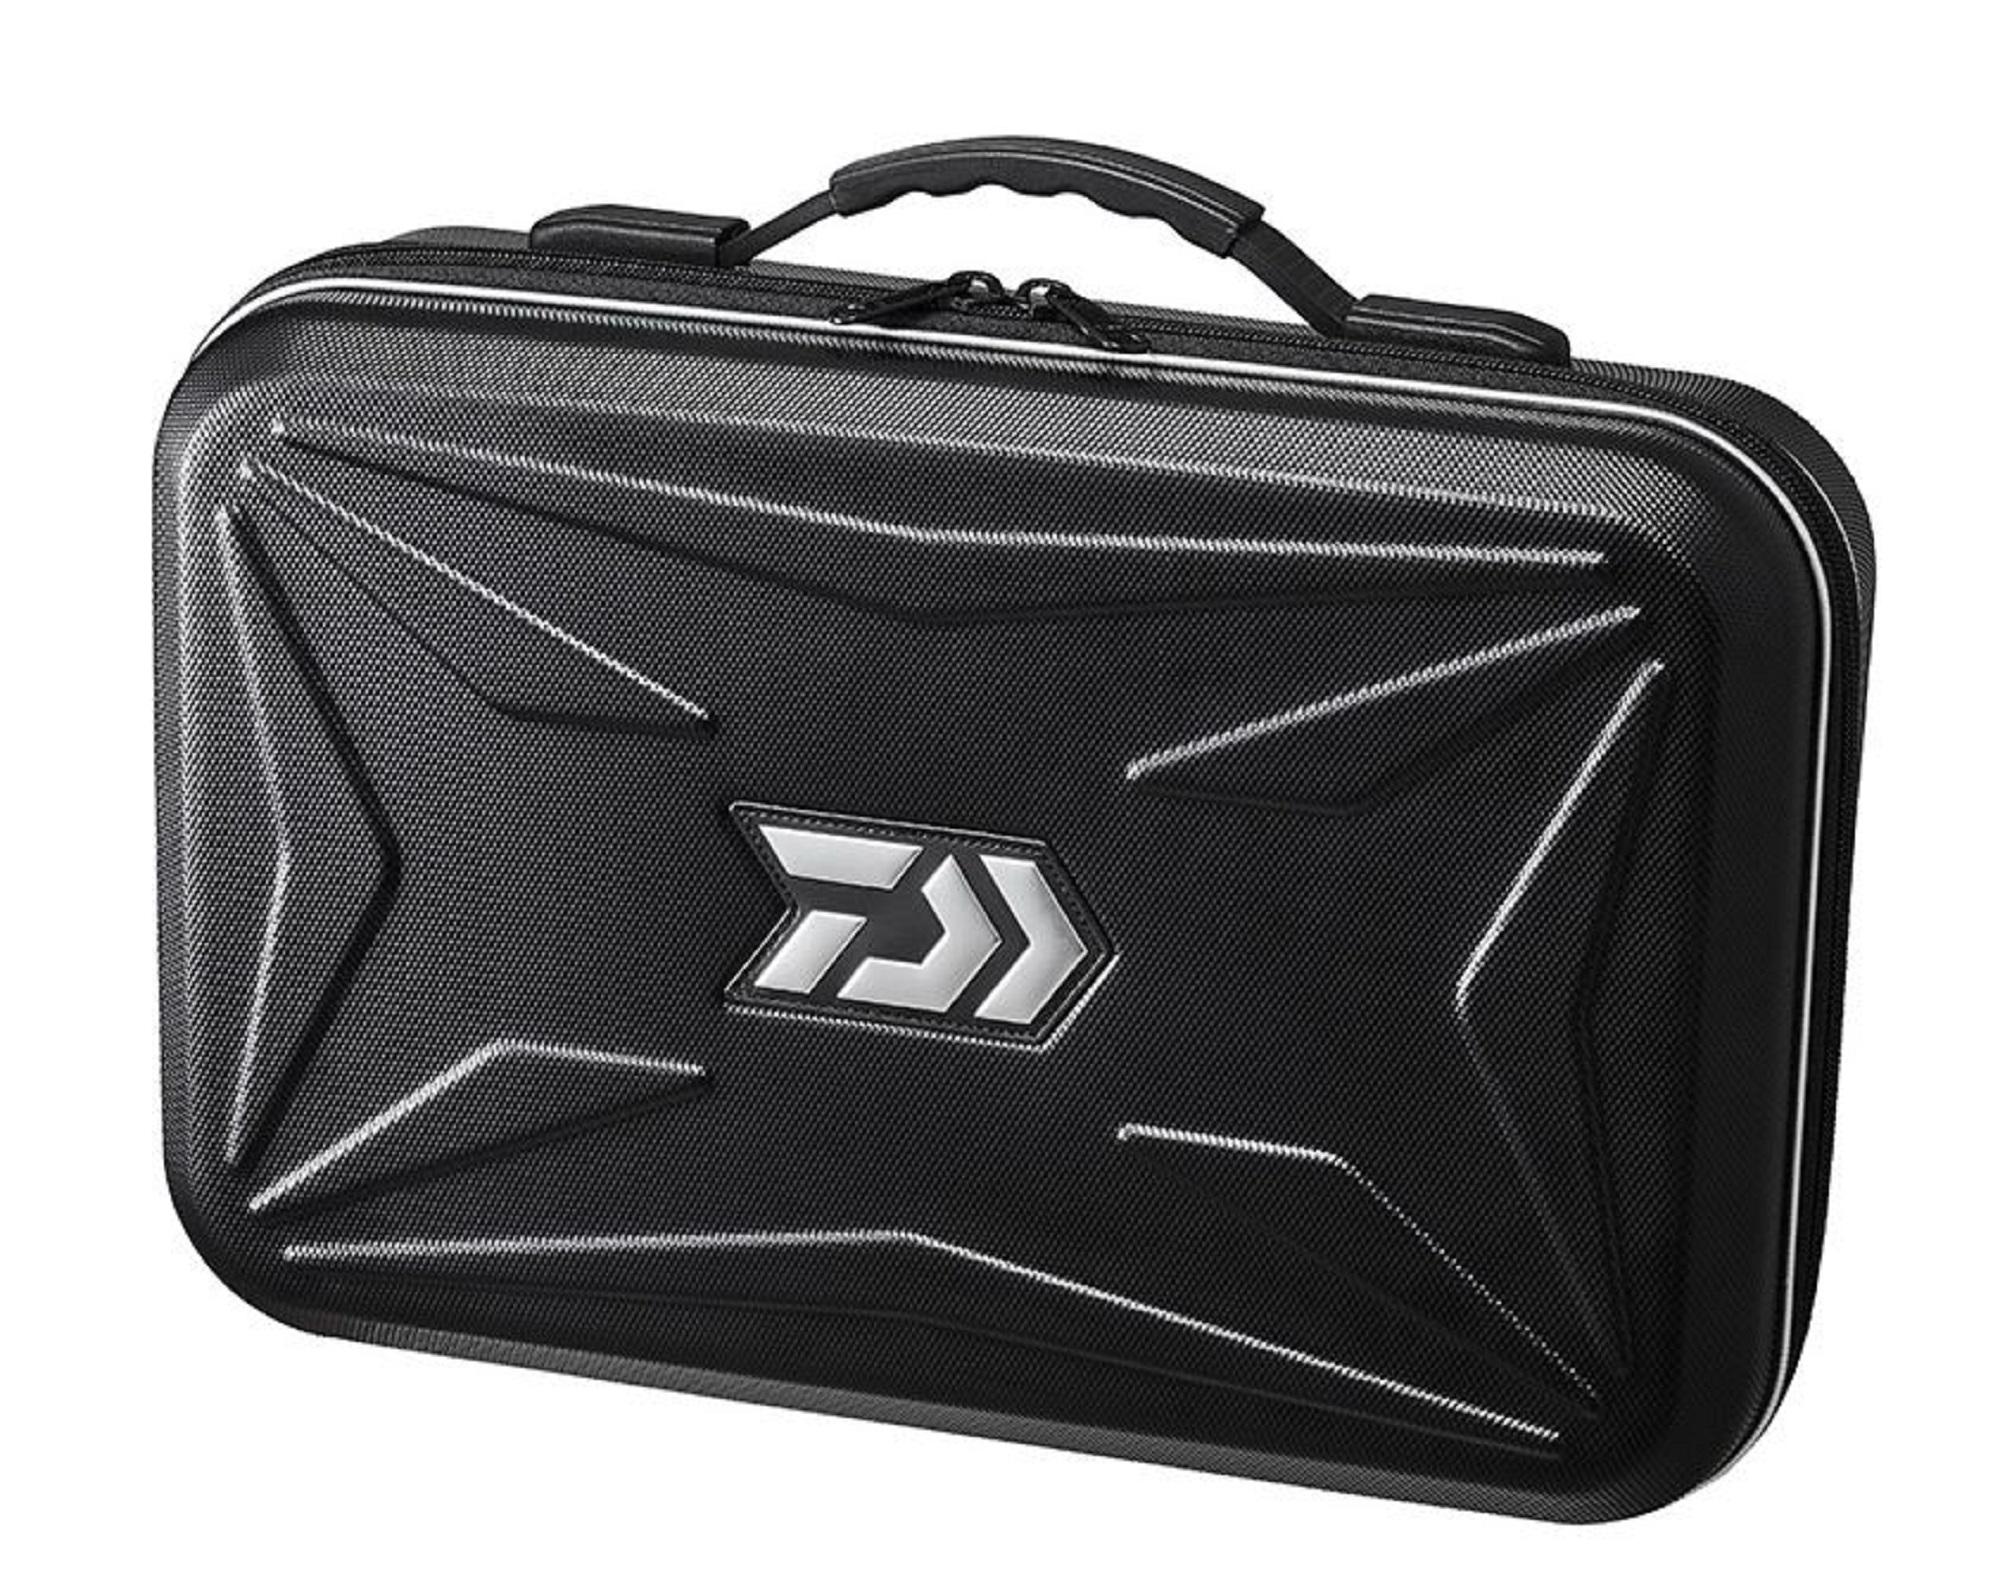 Daiwa Reel Cover HD Case M-A Adjustable 26 x 40 x 011 cm (9545)